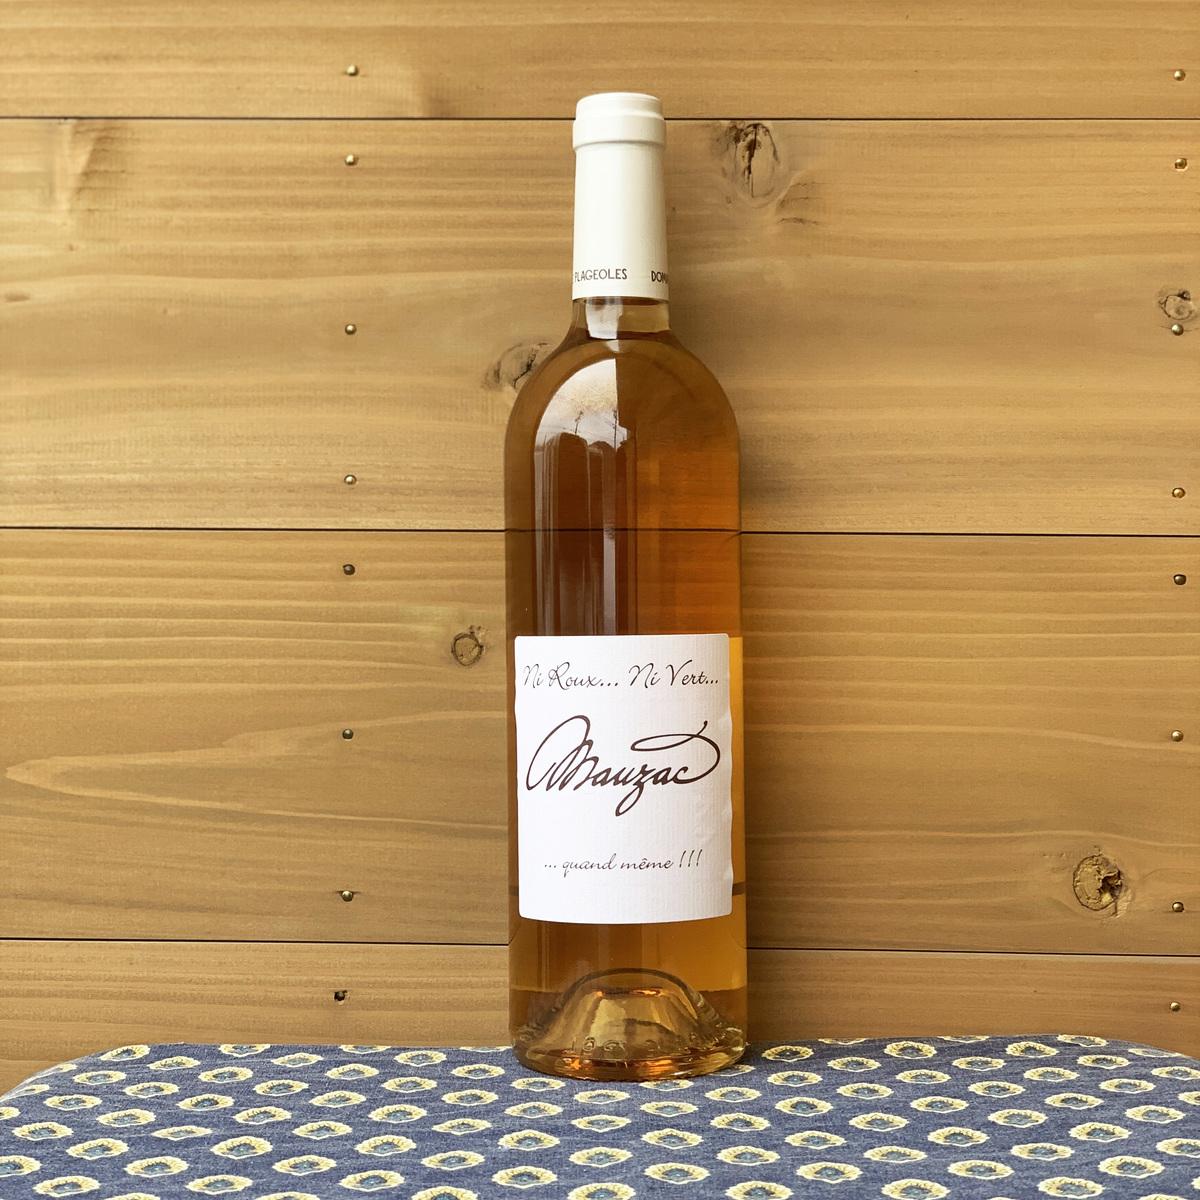 テロワールの個性を活かした品種 造りに定評のある生産者の甘口白ワインです 南西地方 フランス ベルナール プラジョル モーザック ルー ニヴェール 超歓迎された NV 自然派ワイン ニ お値打ち価格で 白ワイン 甘口